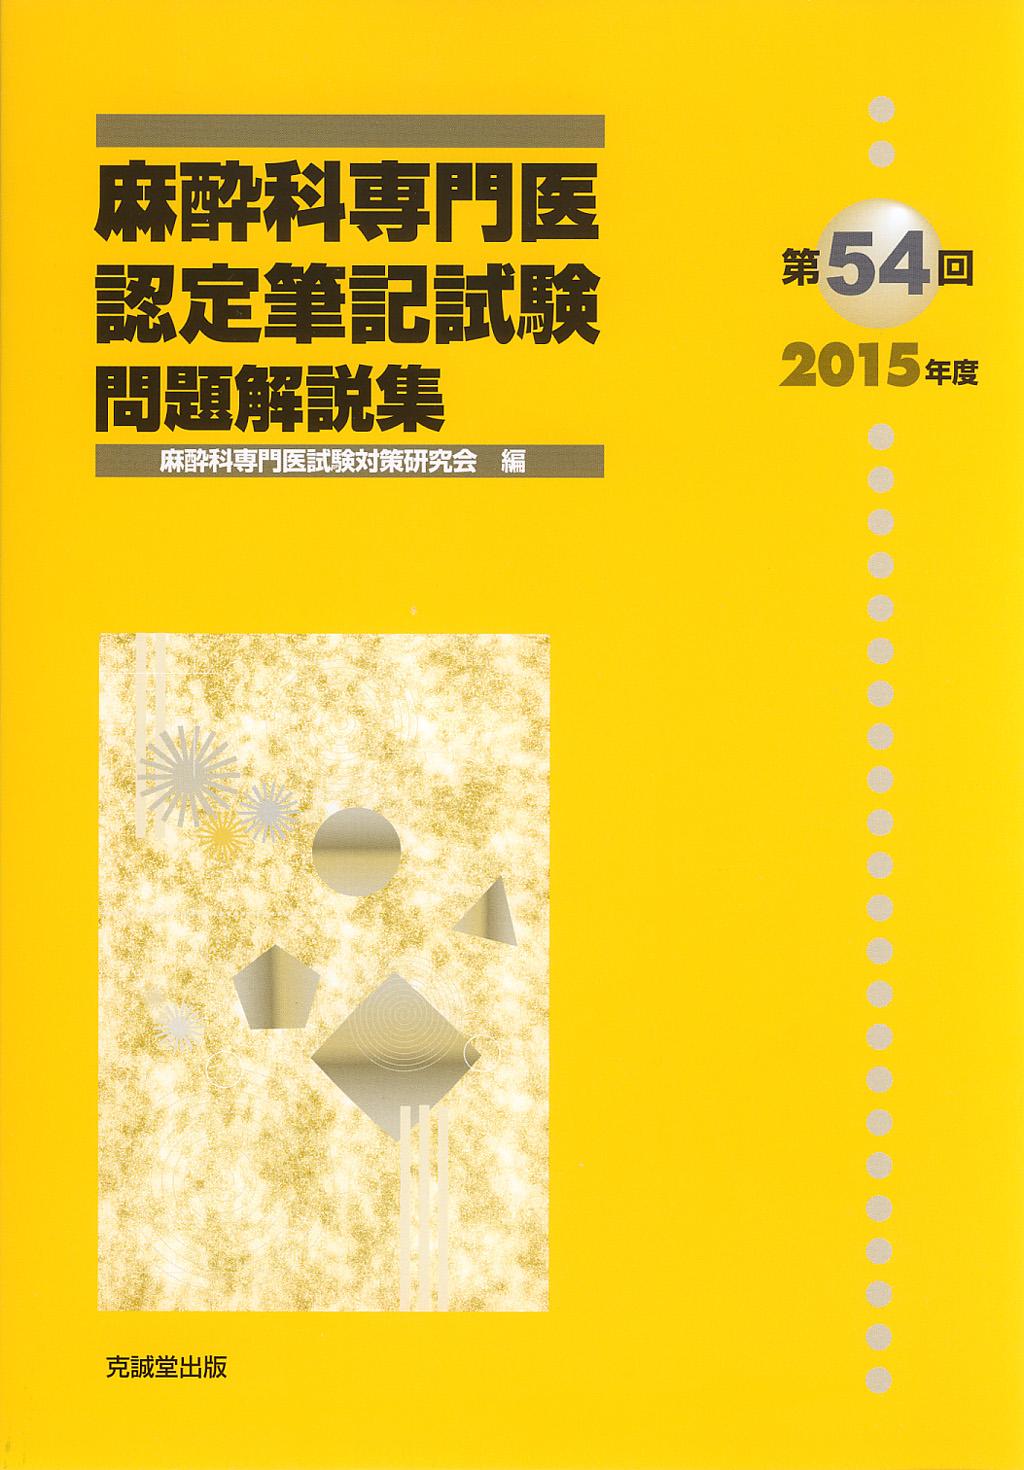 第54回(2015年度)麻酔科専門医認定筆記試験問題解説集